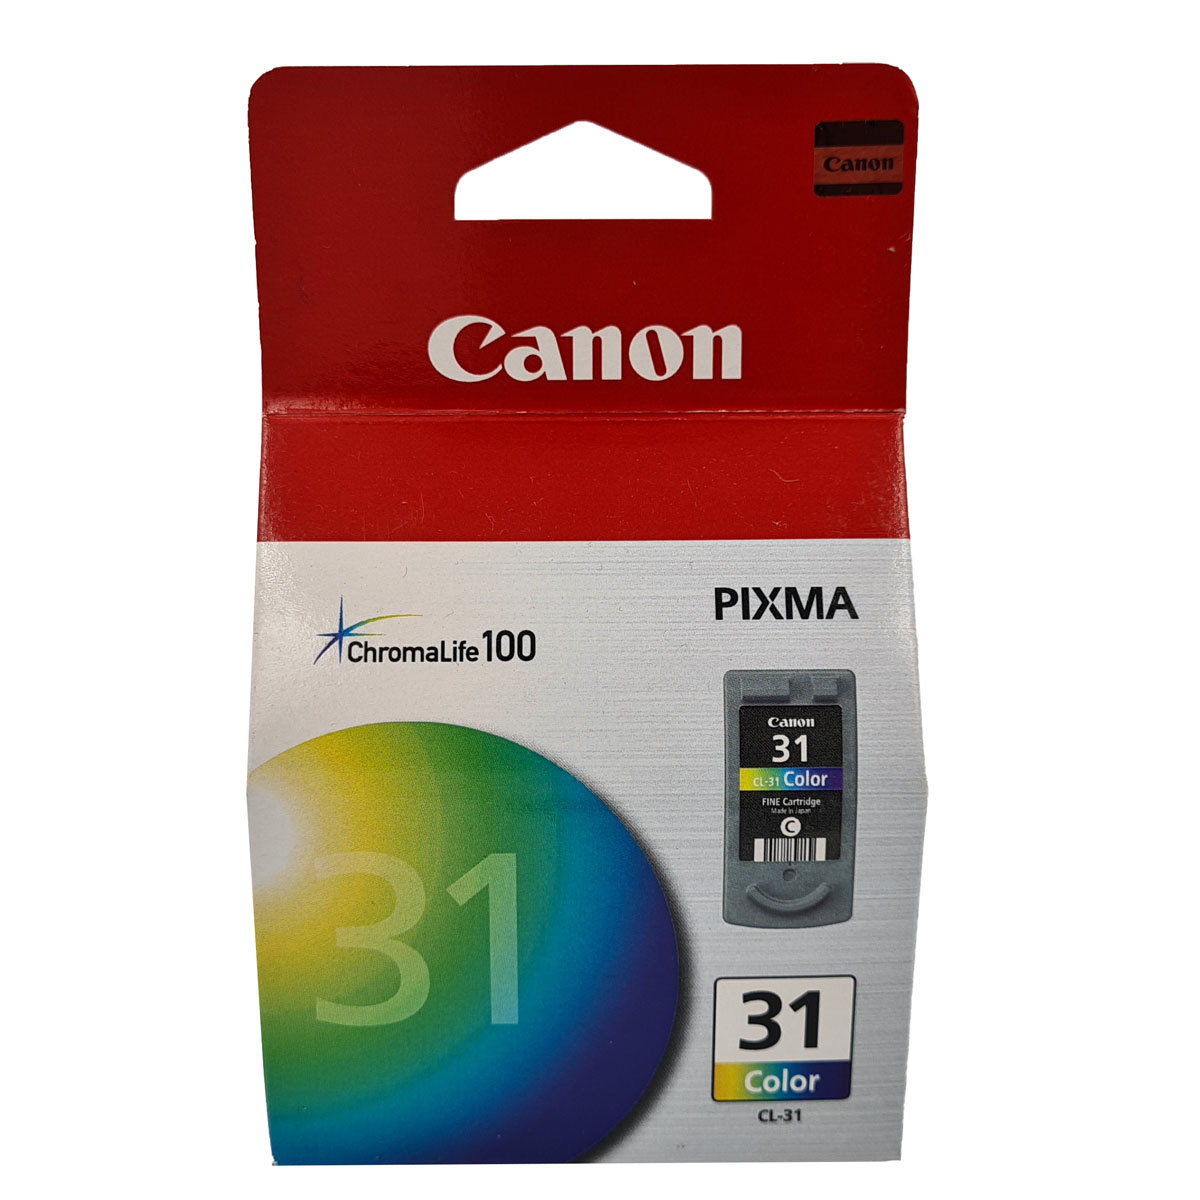 Cartucho Canon CL31 CL 31 Colorido para Pixma IP1800 MP140 MP190